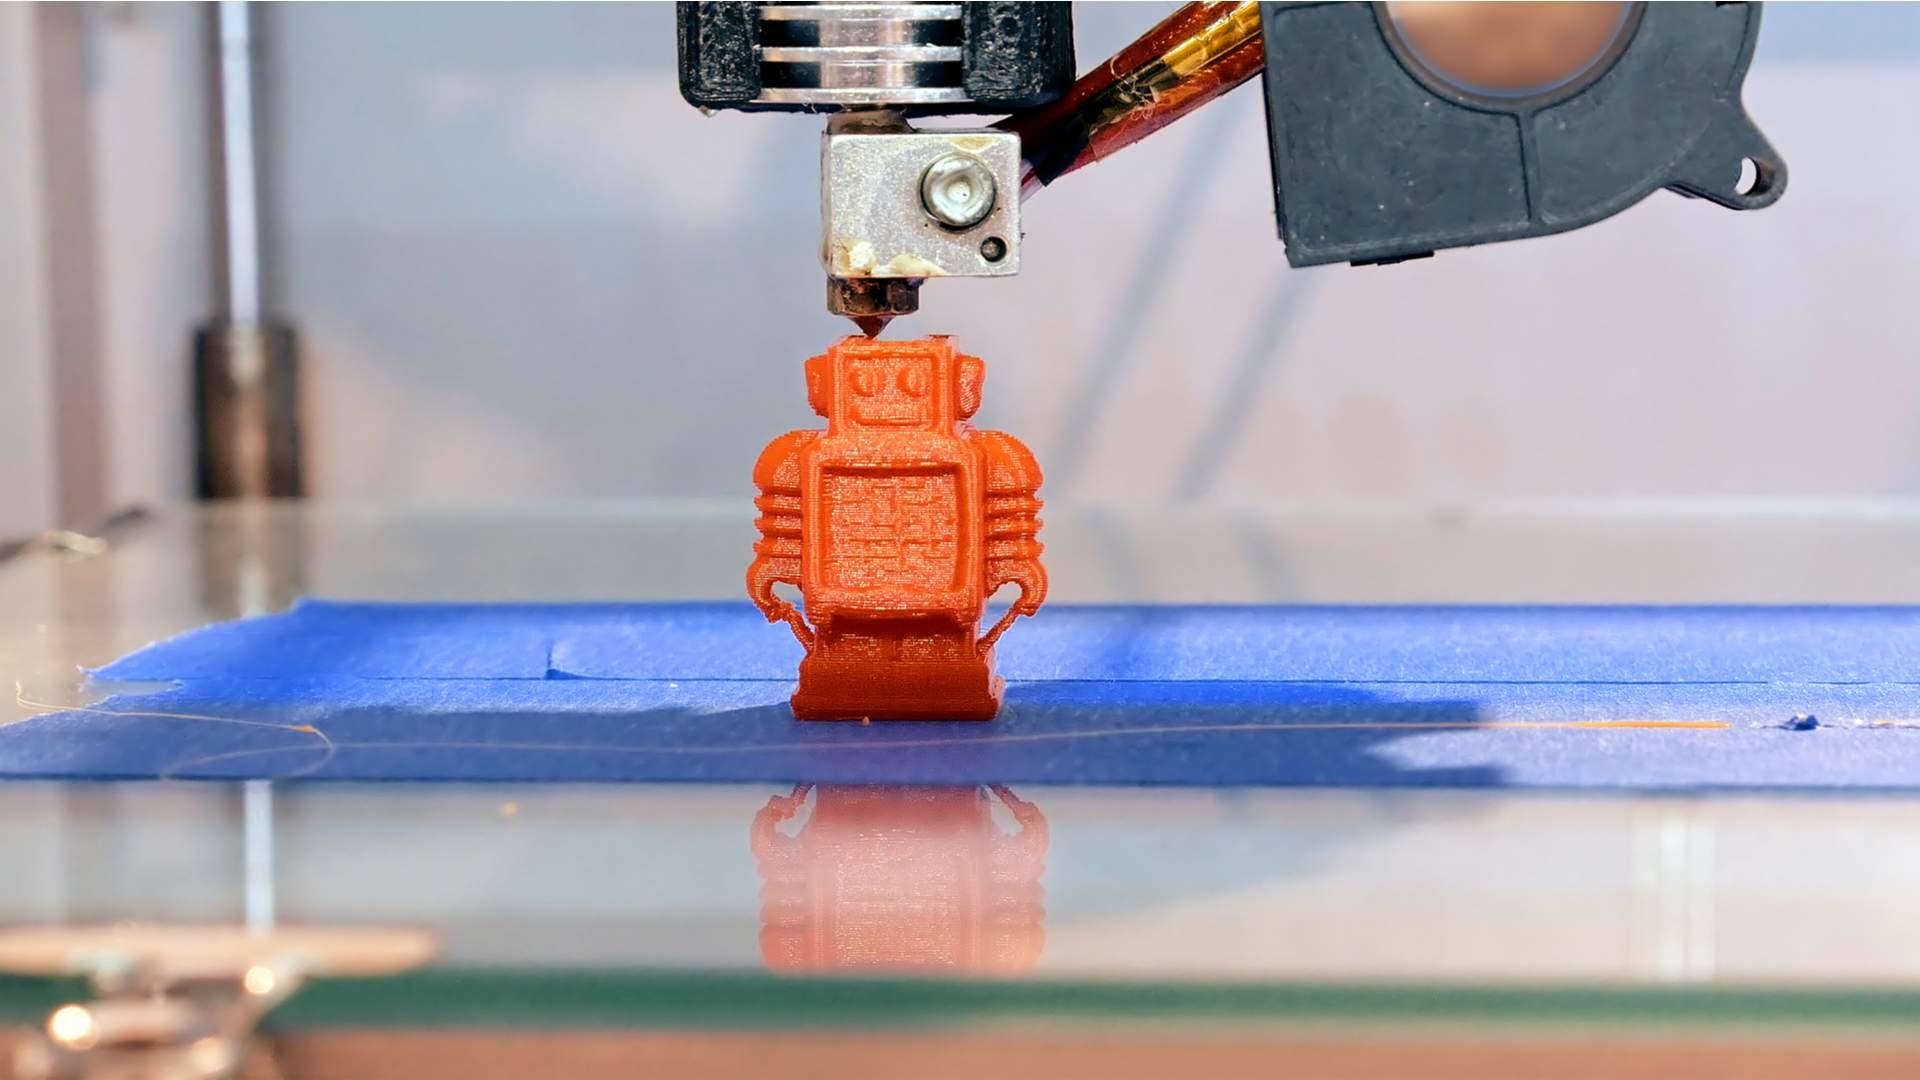 Robô de brinquedo laranja sendo construído por impressora 3D